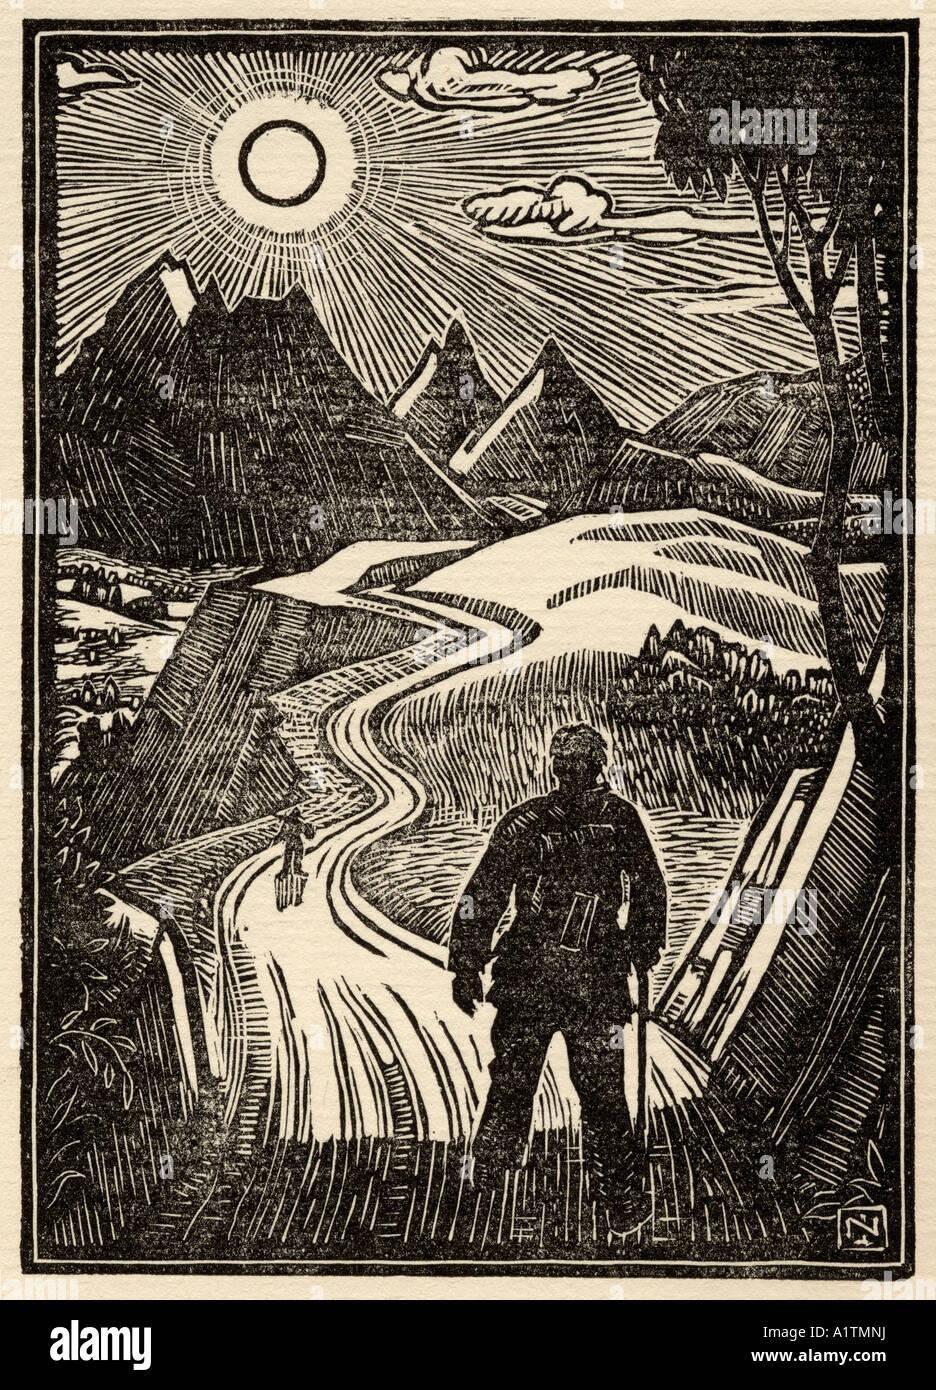 Frontispício em xilogravura por Norman James do livro a suave arte de muitos por Stephen Graham publicado 1927 Imagens de Stock